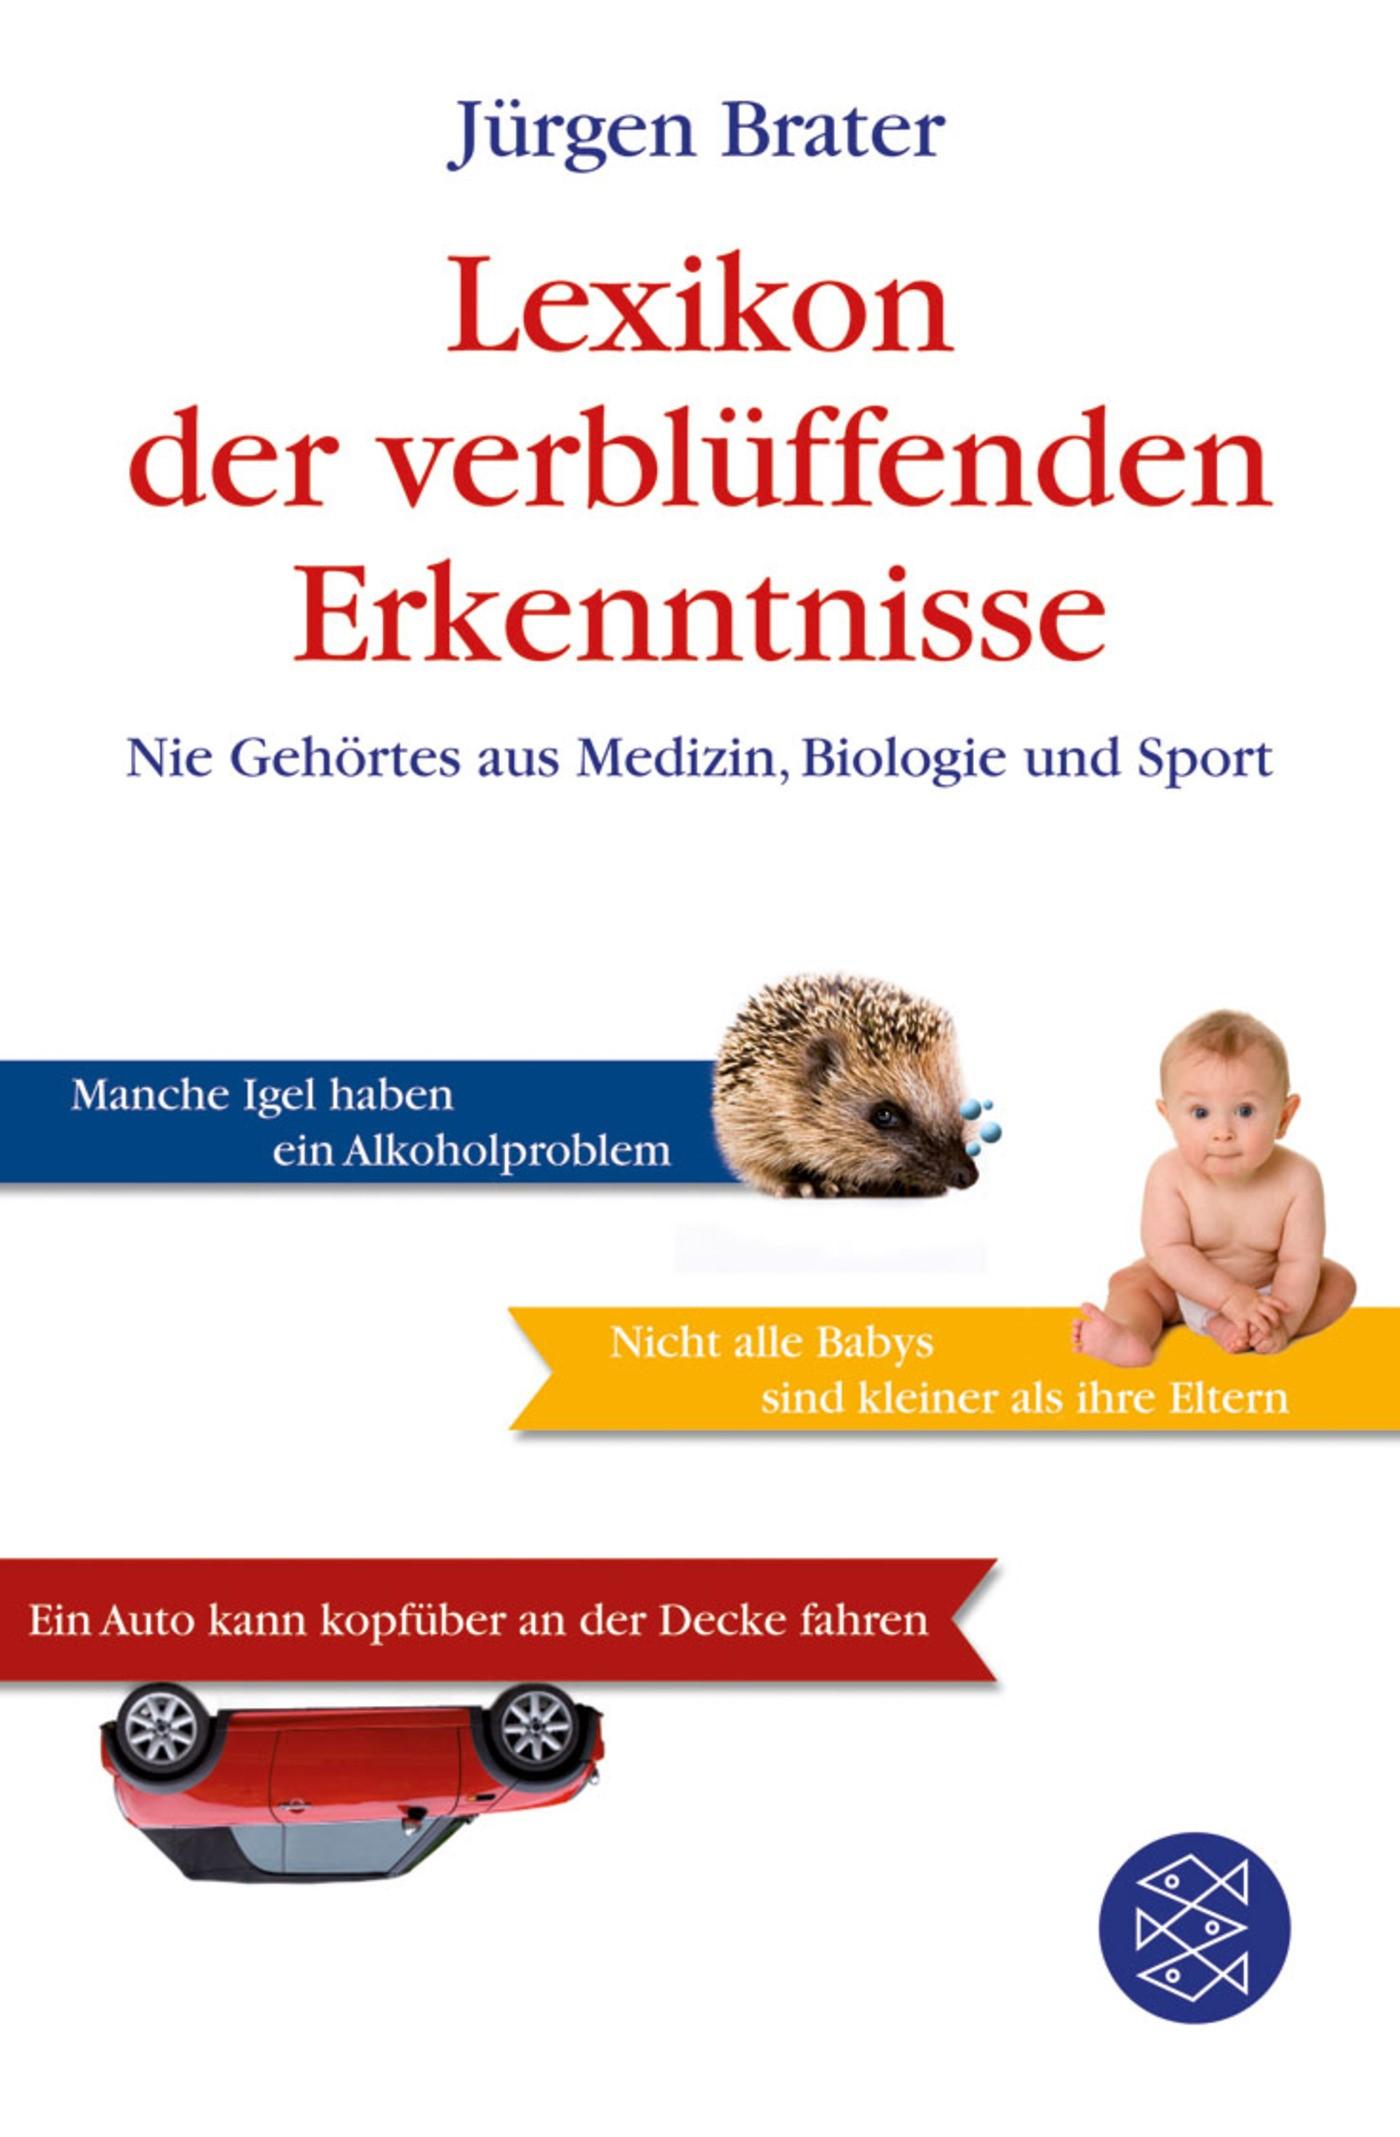 Lexikon der verblüffenden Erkenntnisse | Brater, 2010 | Buch (Cover)